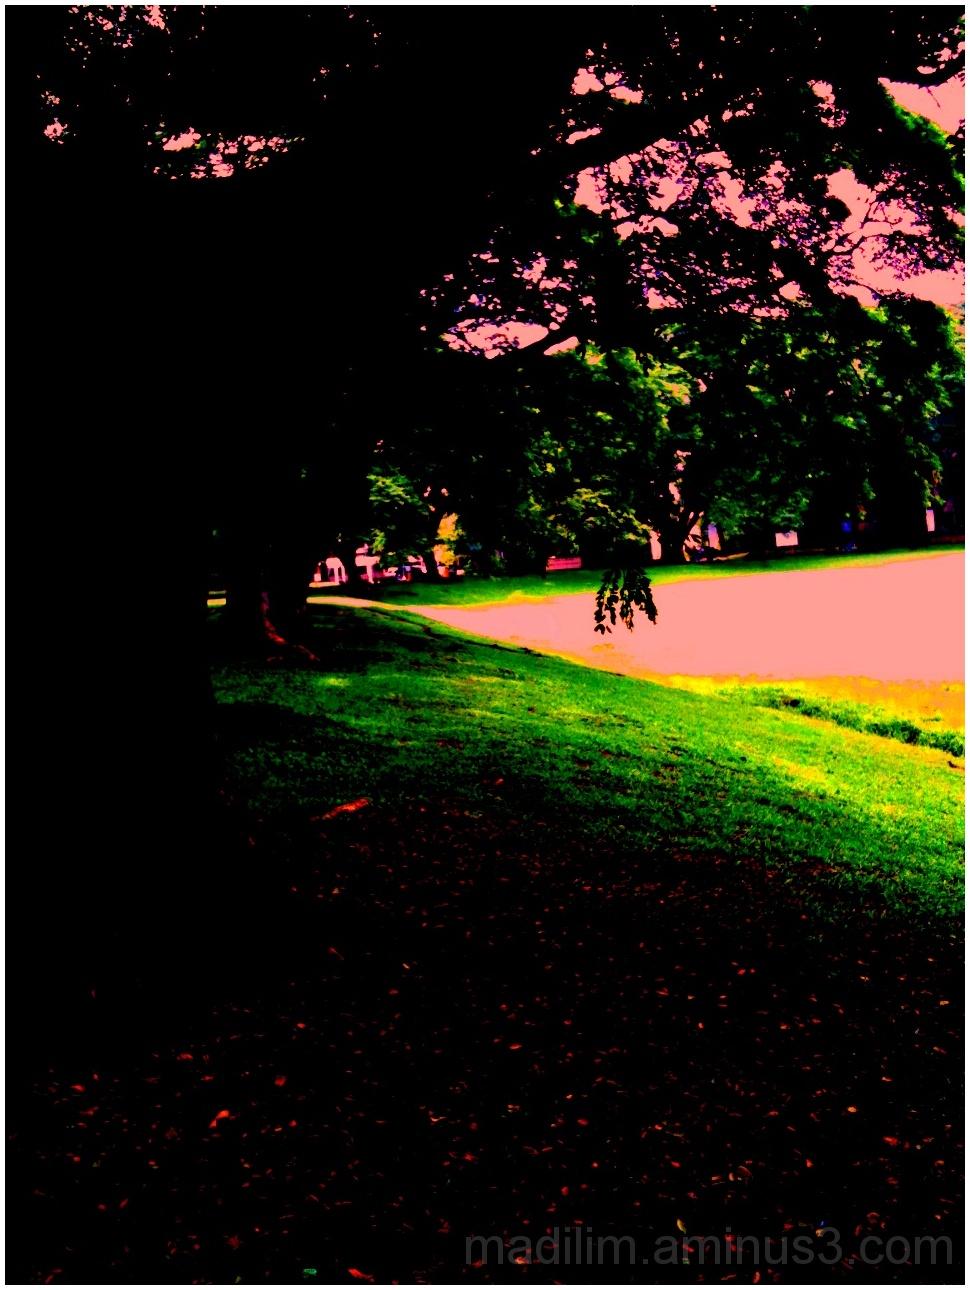 pinkish light